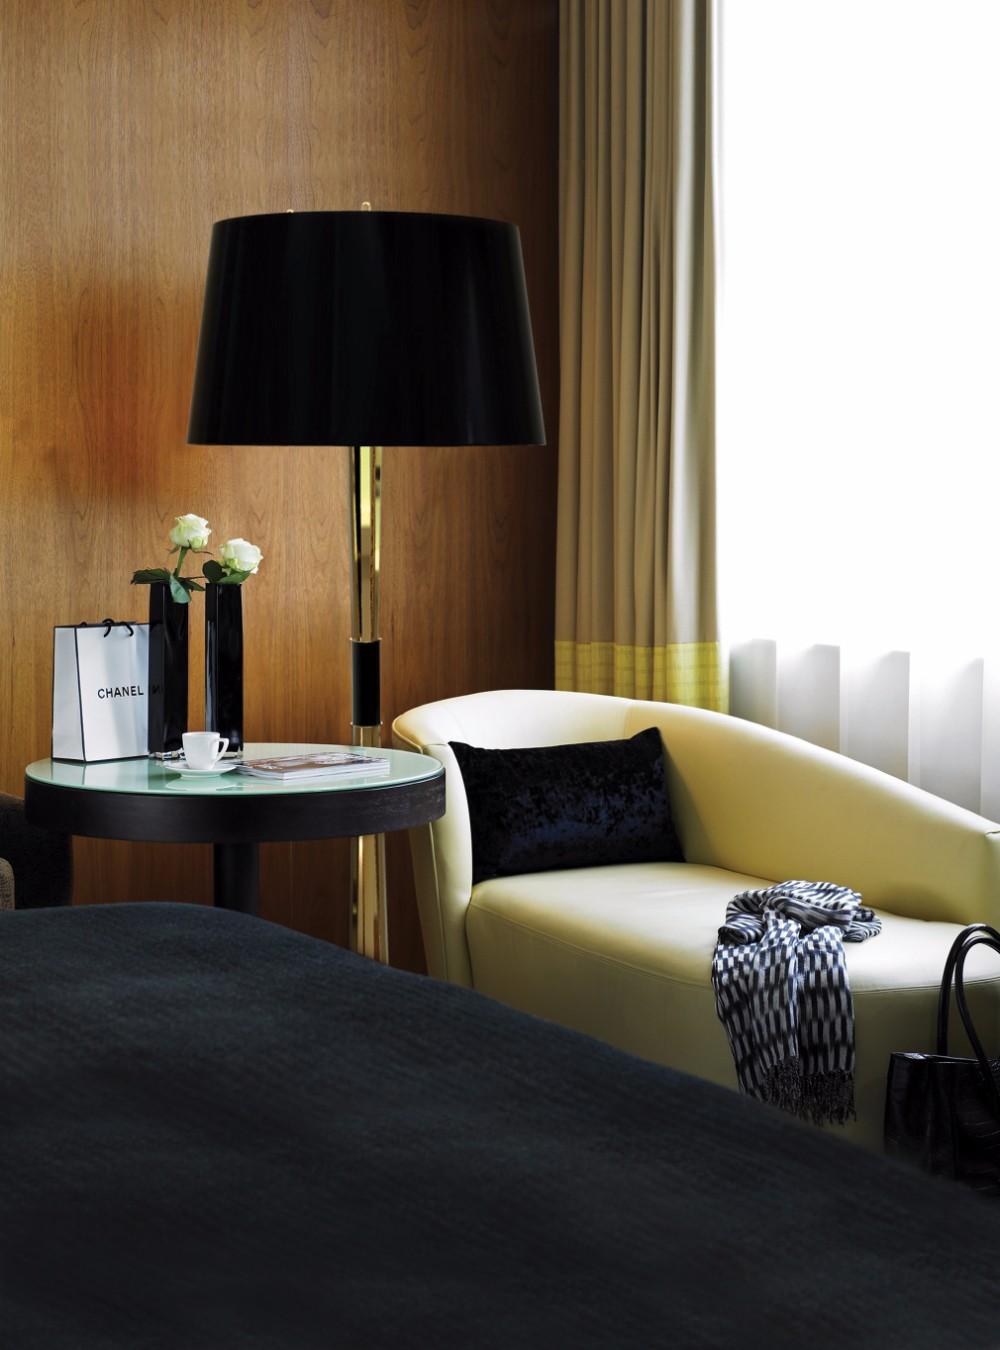 mid century lighting. midcentury lighting modern interior design mid century